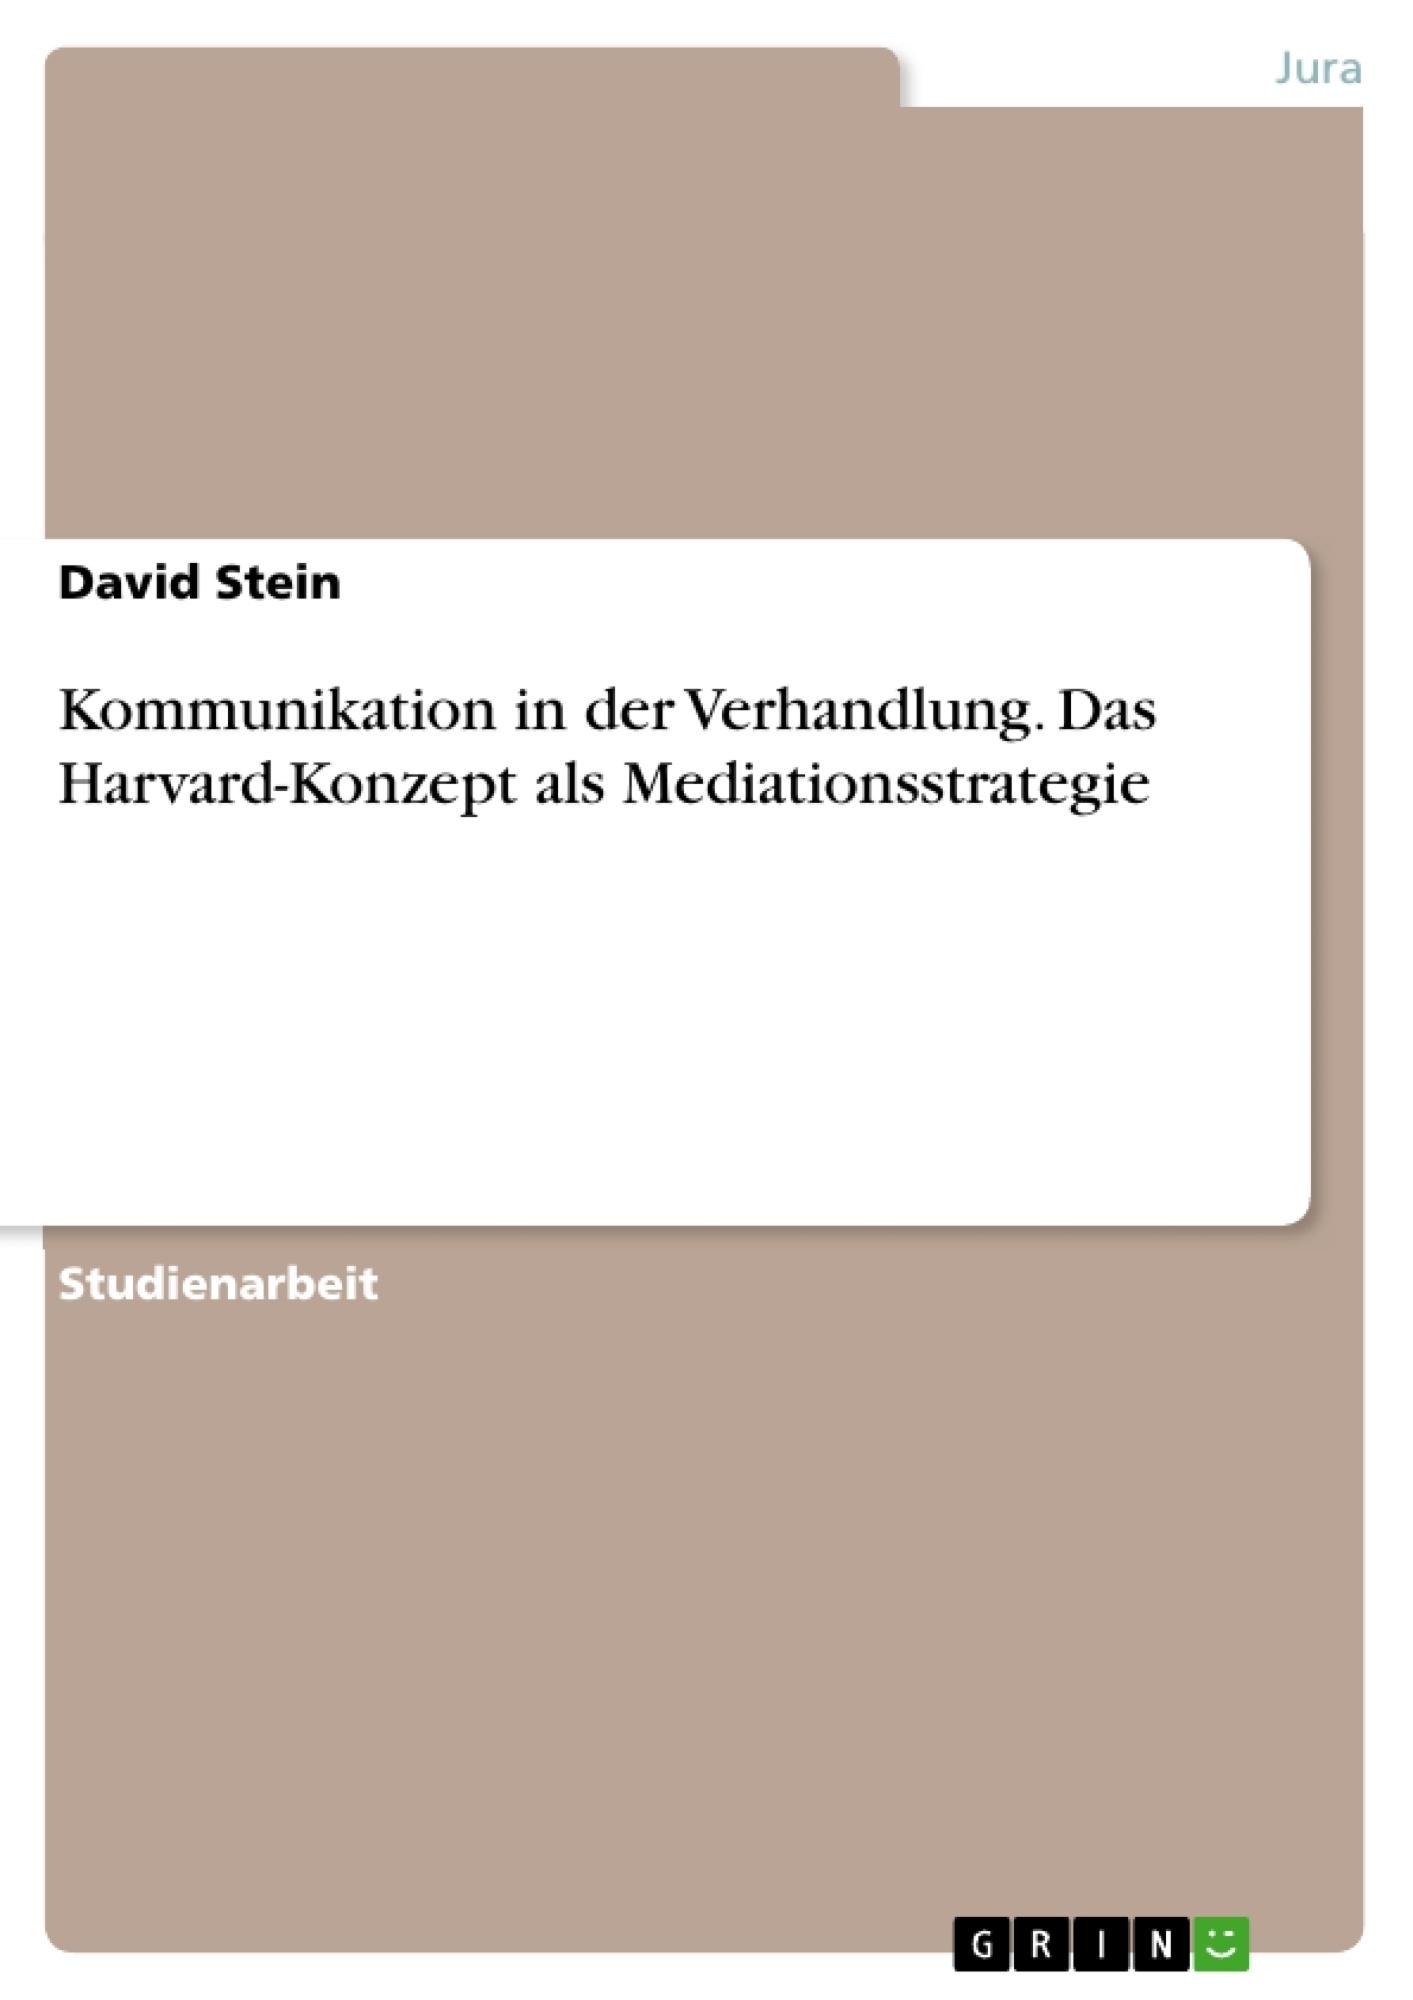 Titel: Kommunikation in der Verhandlung. Das Harvard-Konzept als Mediationsstrategie